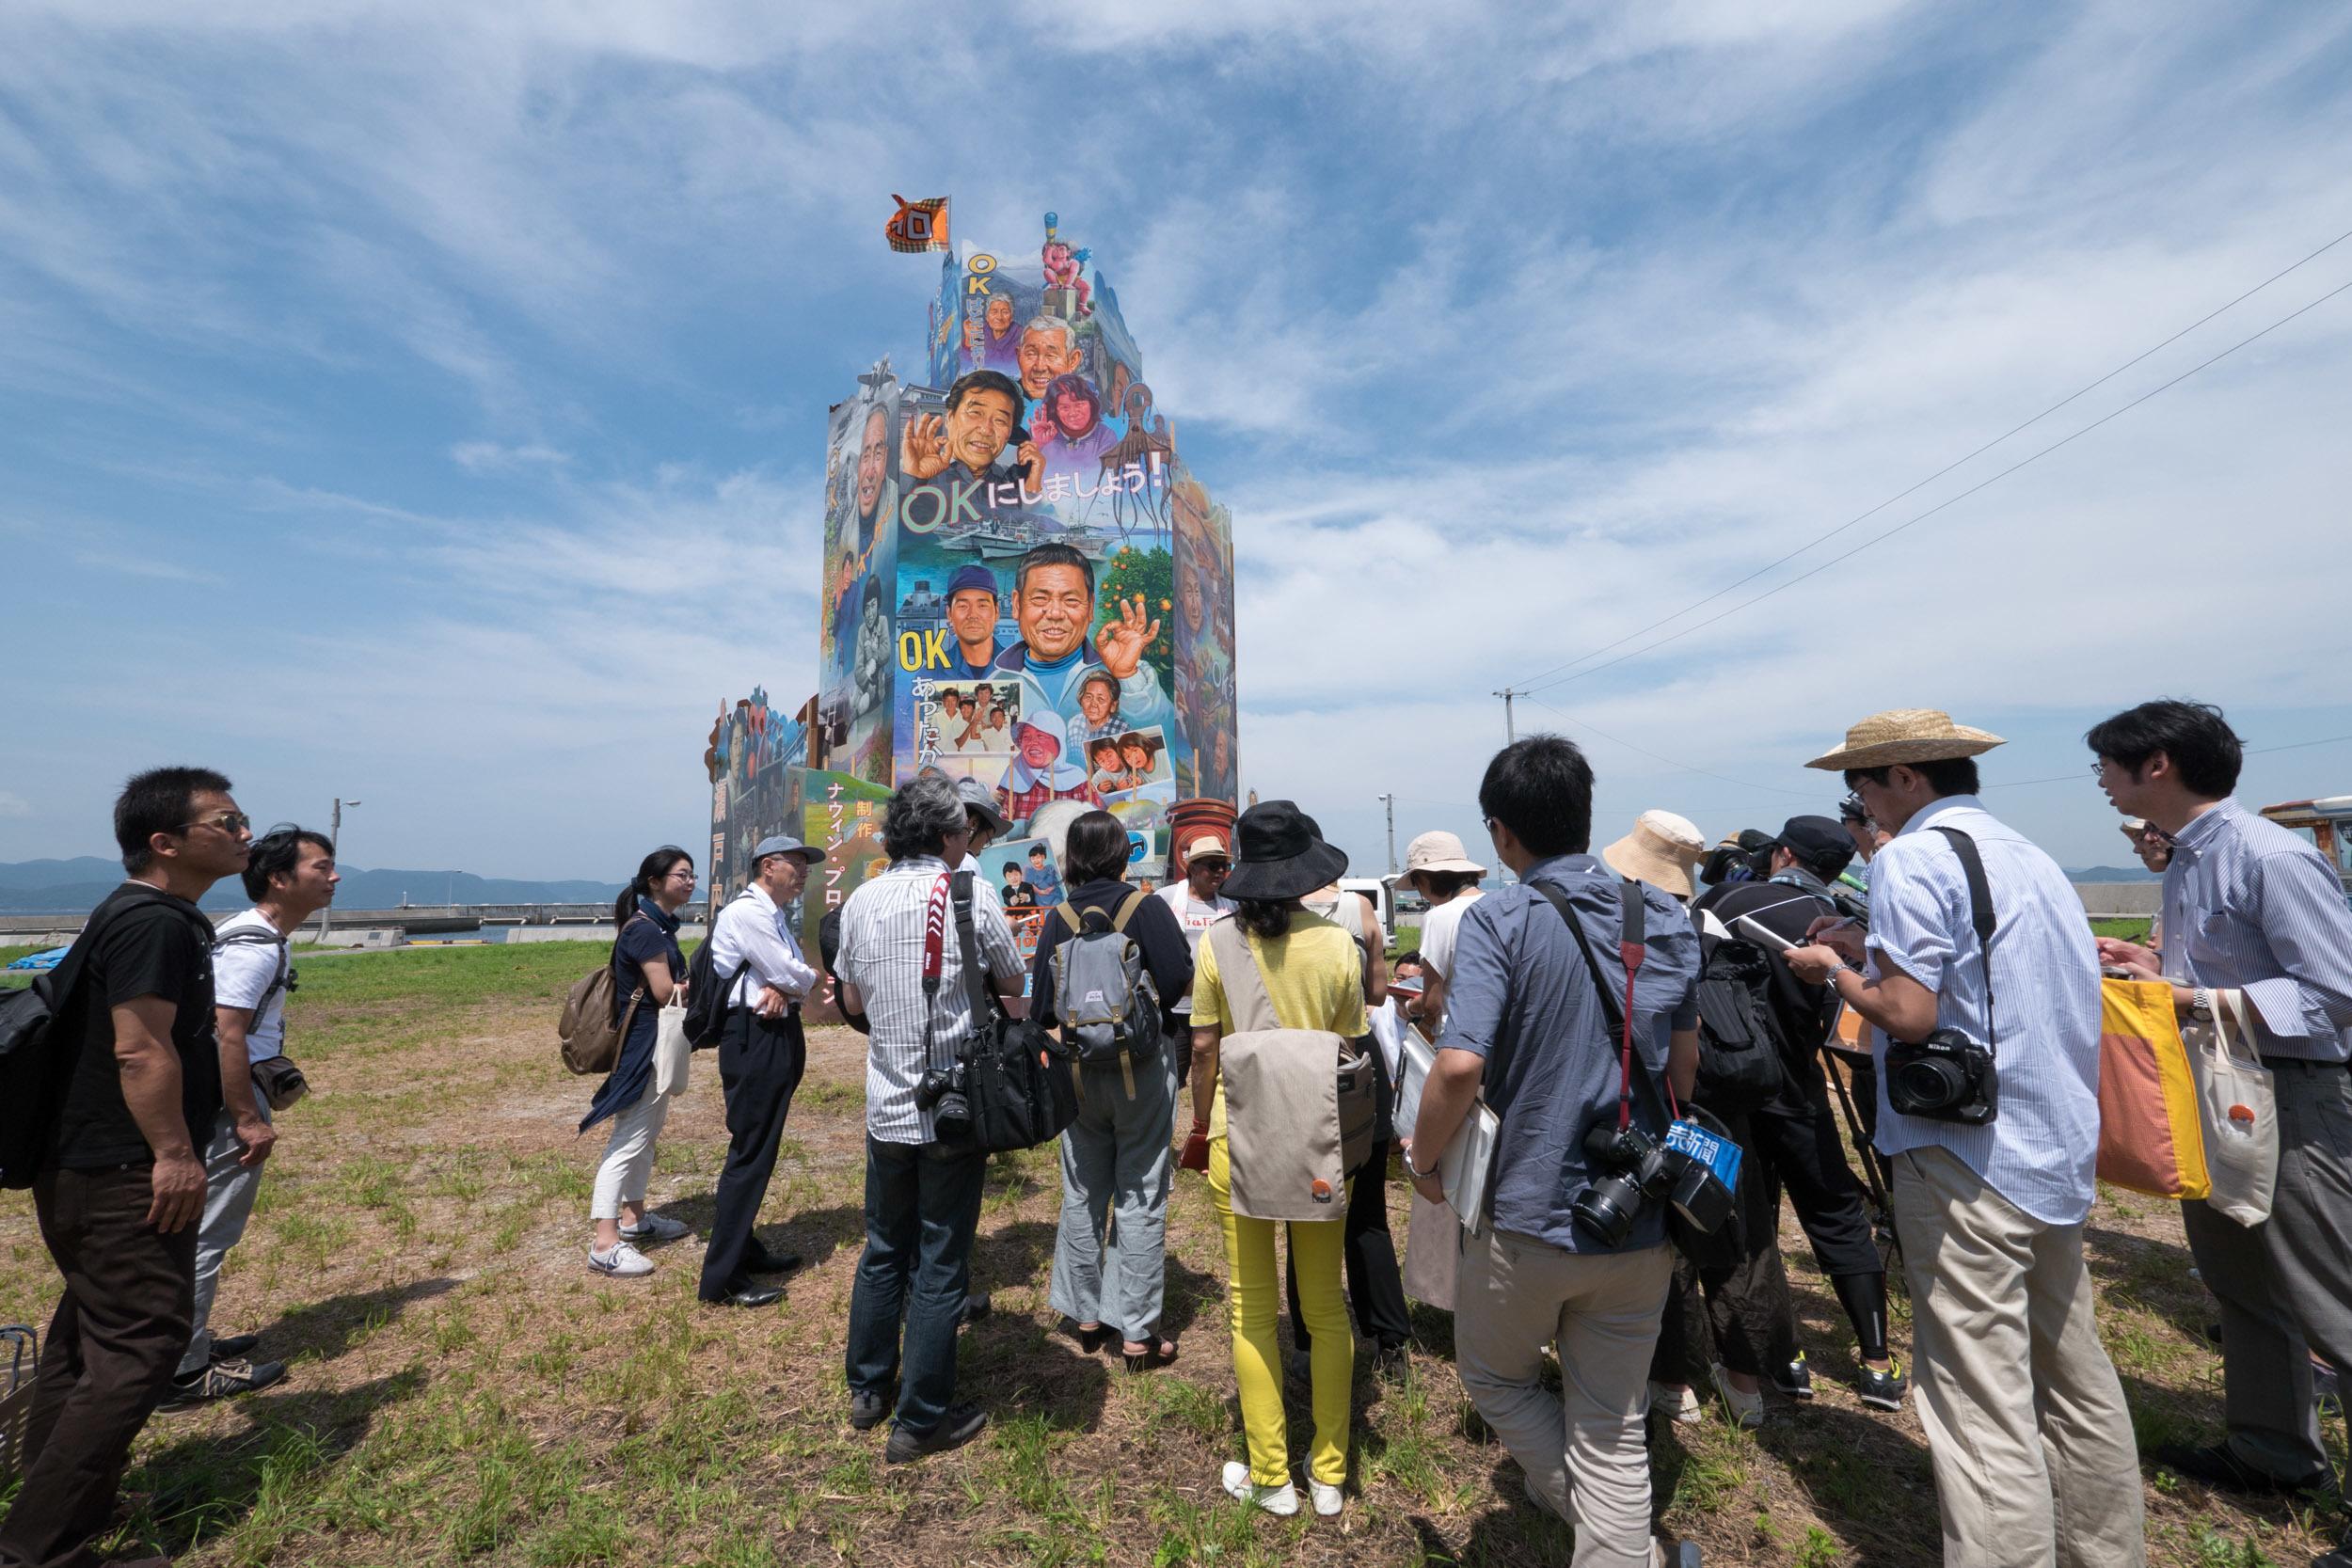 ナウィン・ラワンチャイクン(タイ) 《OK Tower》 OK Tower, 2016 Installation view at Nishiura village, Megijima, Japan Photo by Navin Production